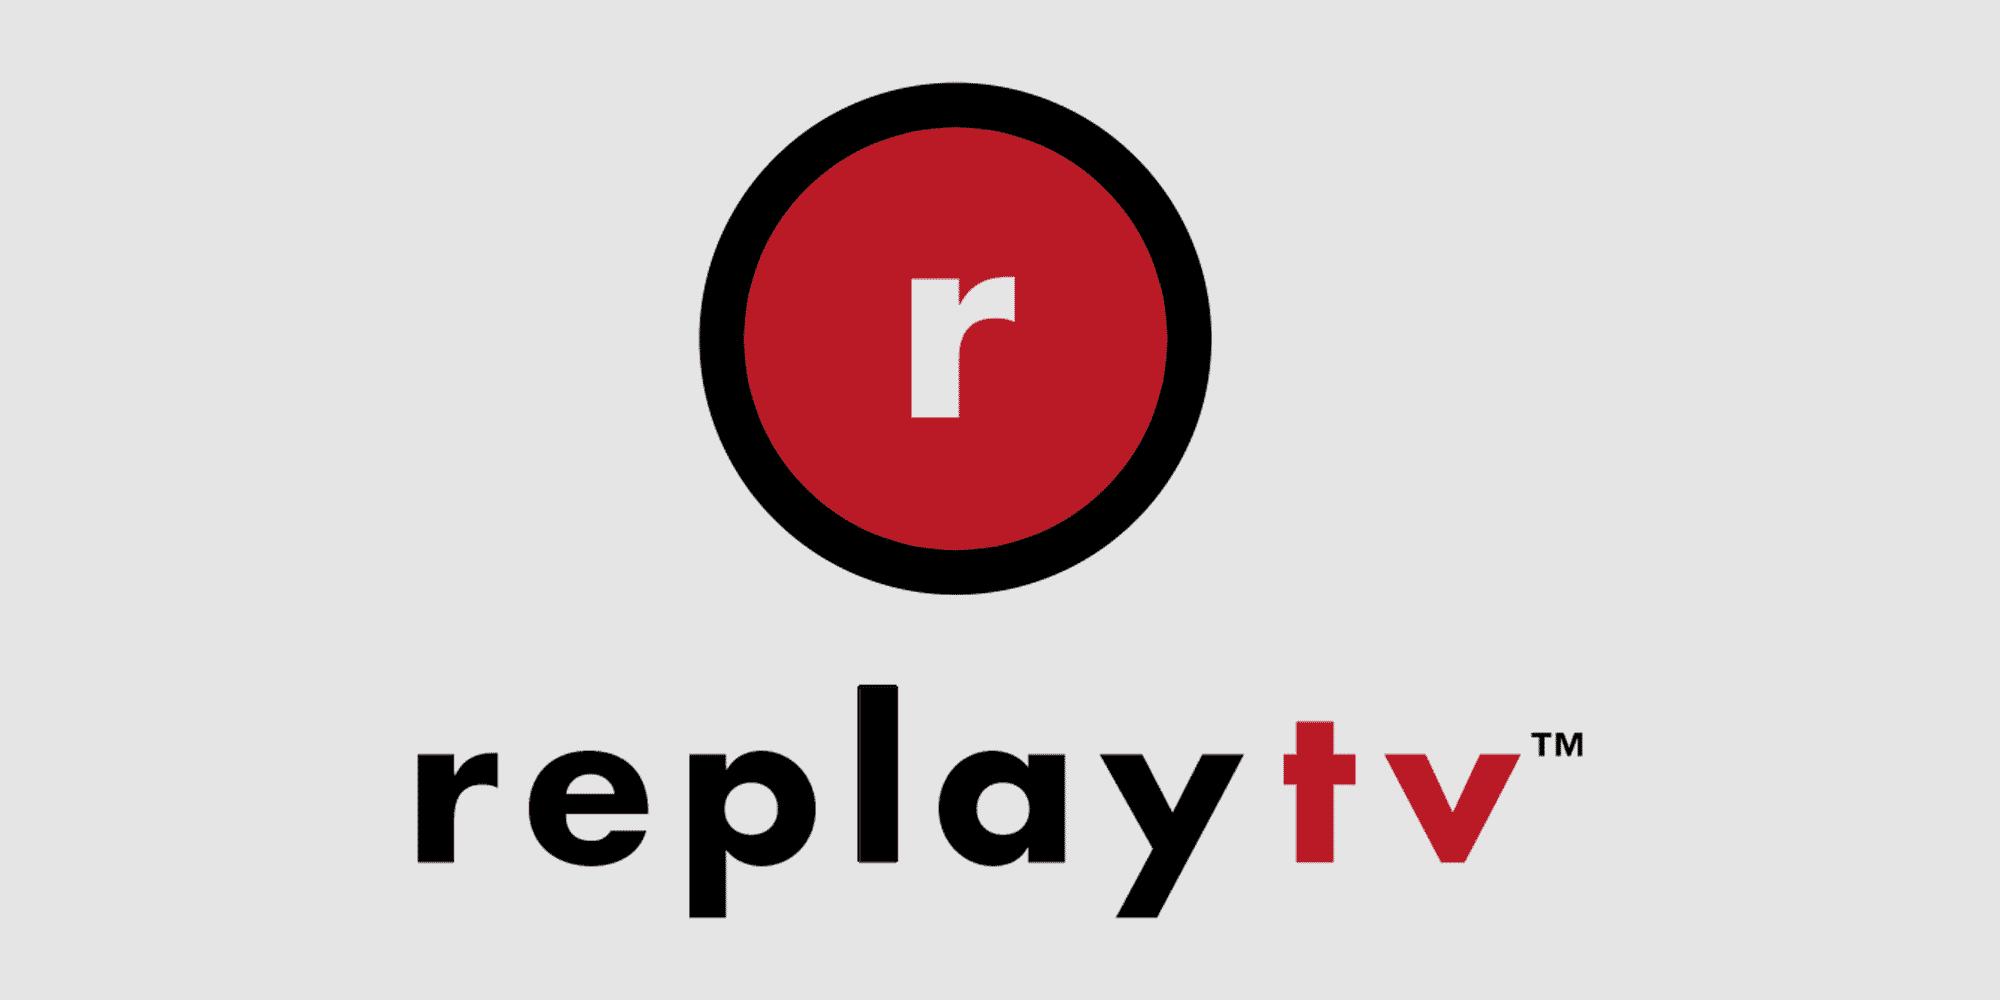 Replaytv